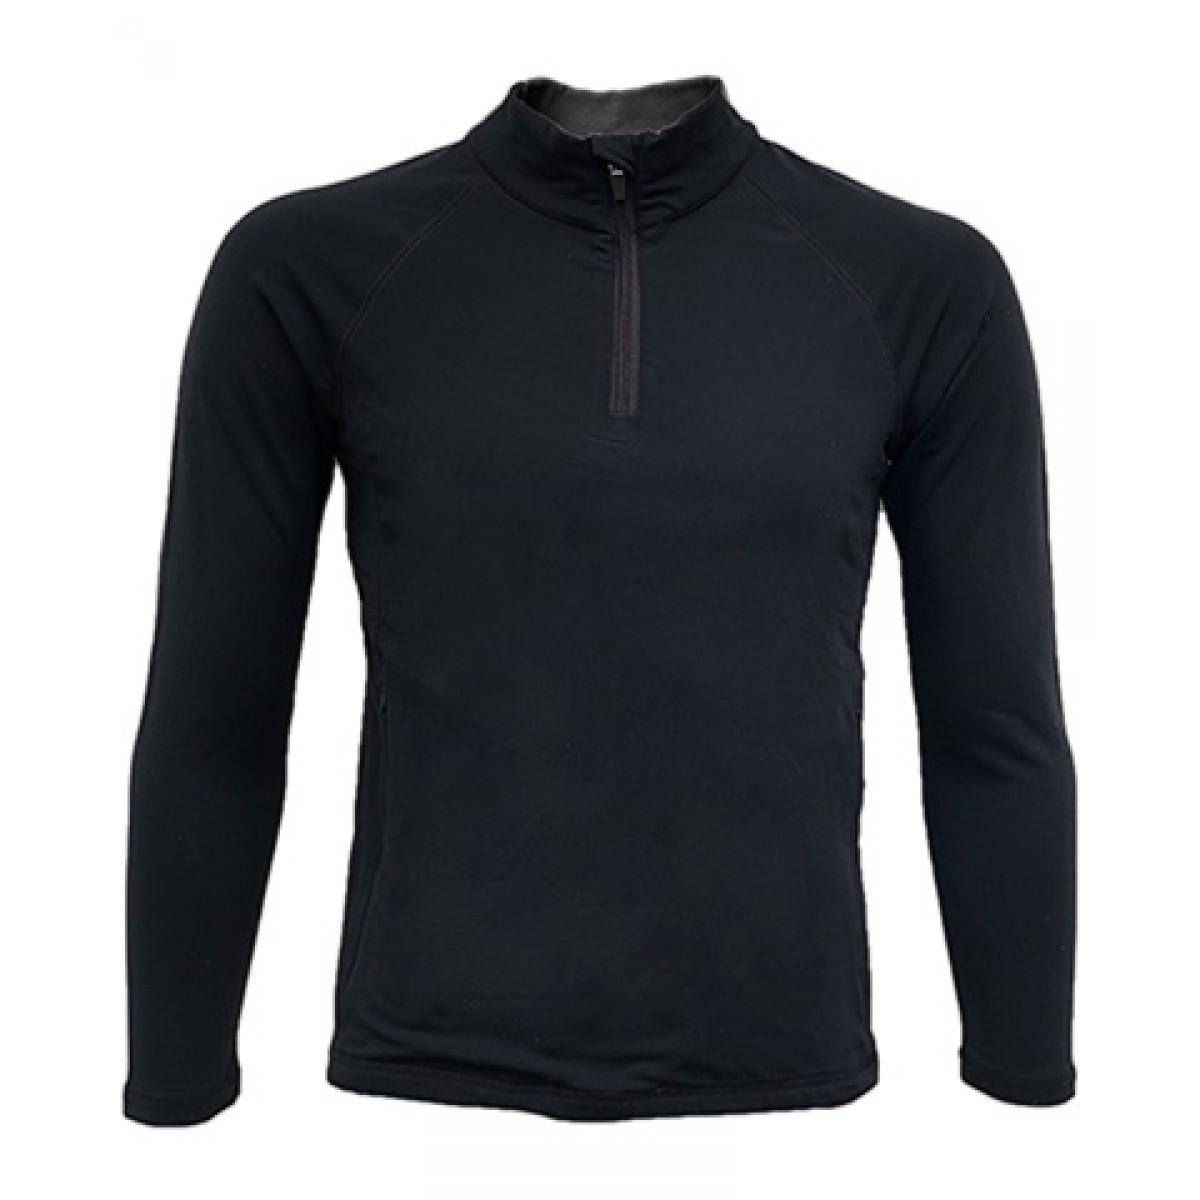 Quarter-Zip Lightweight Pullover LS-Black-XL